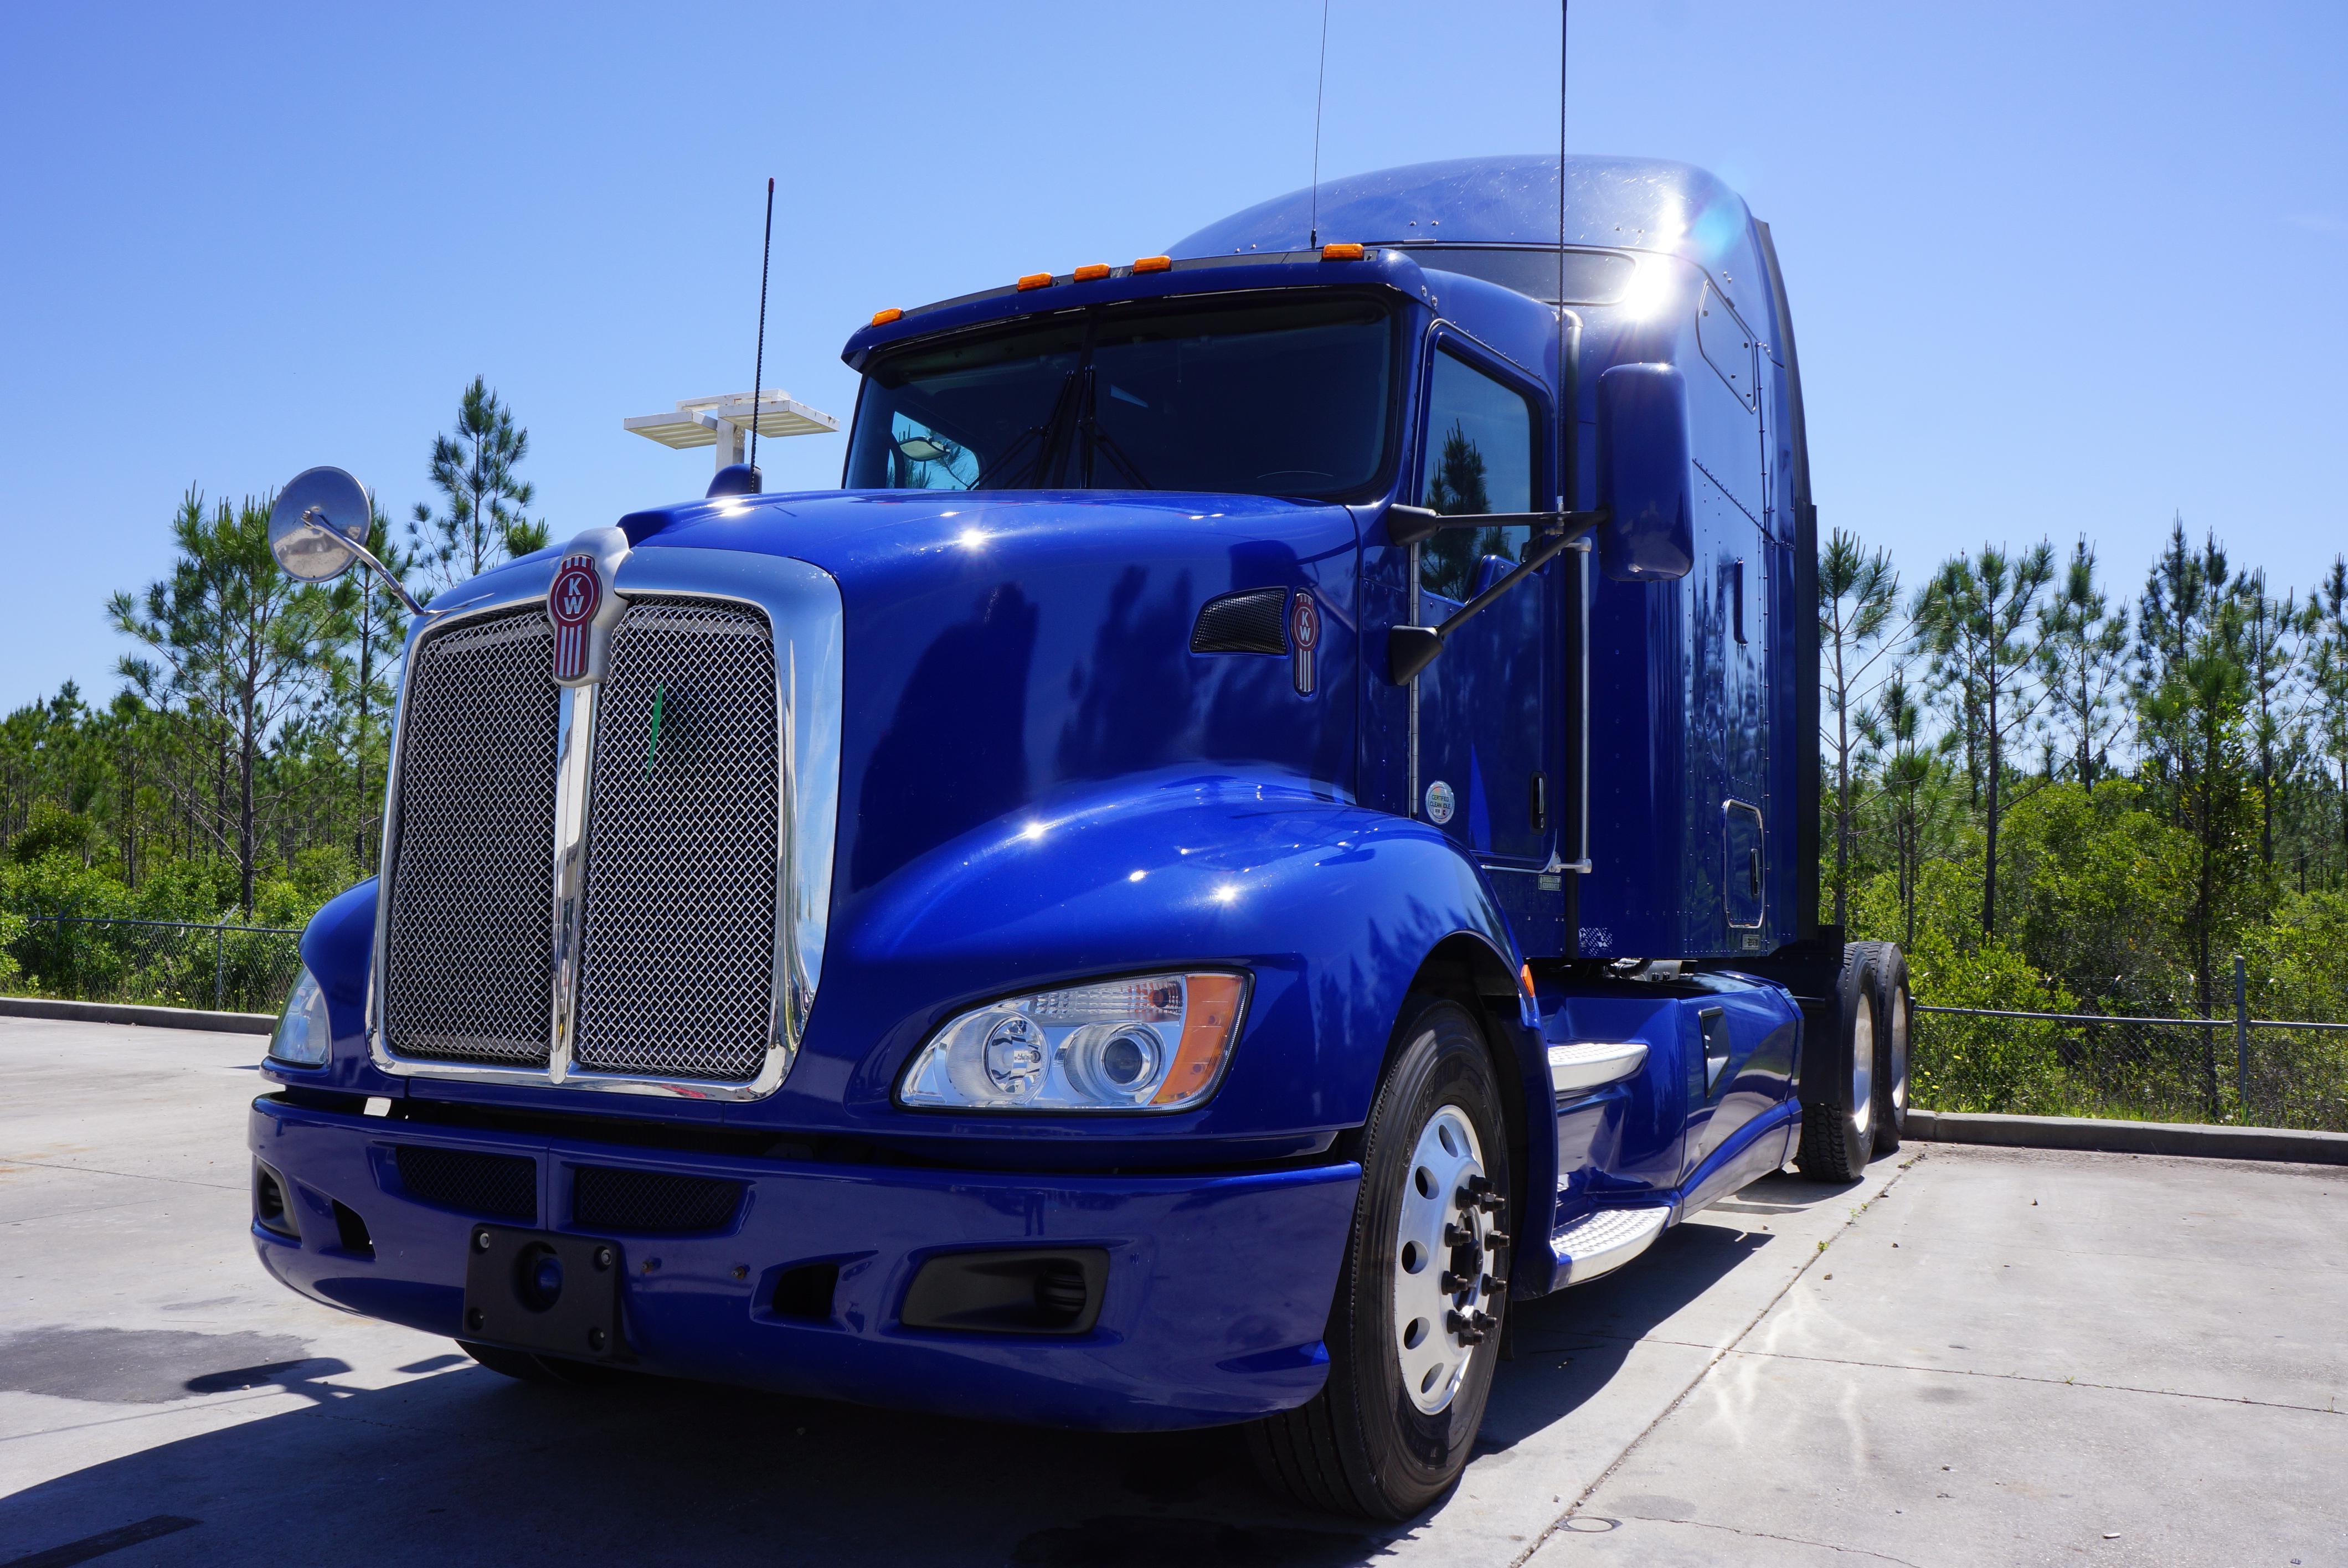 USED 2013 KENWORTH T660 SLEEPER TRUCK #90588